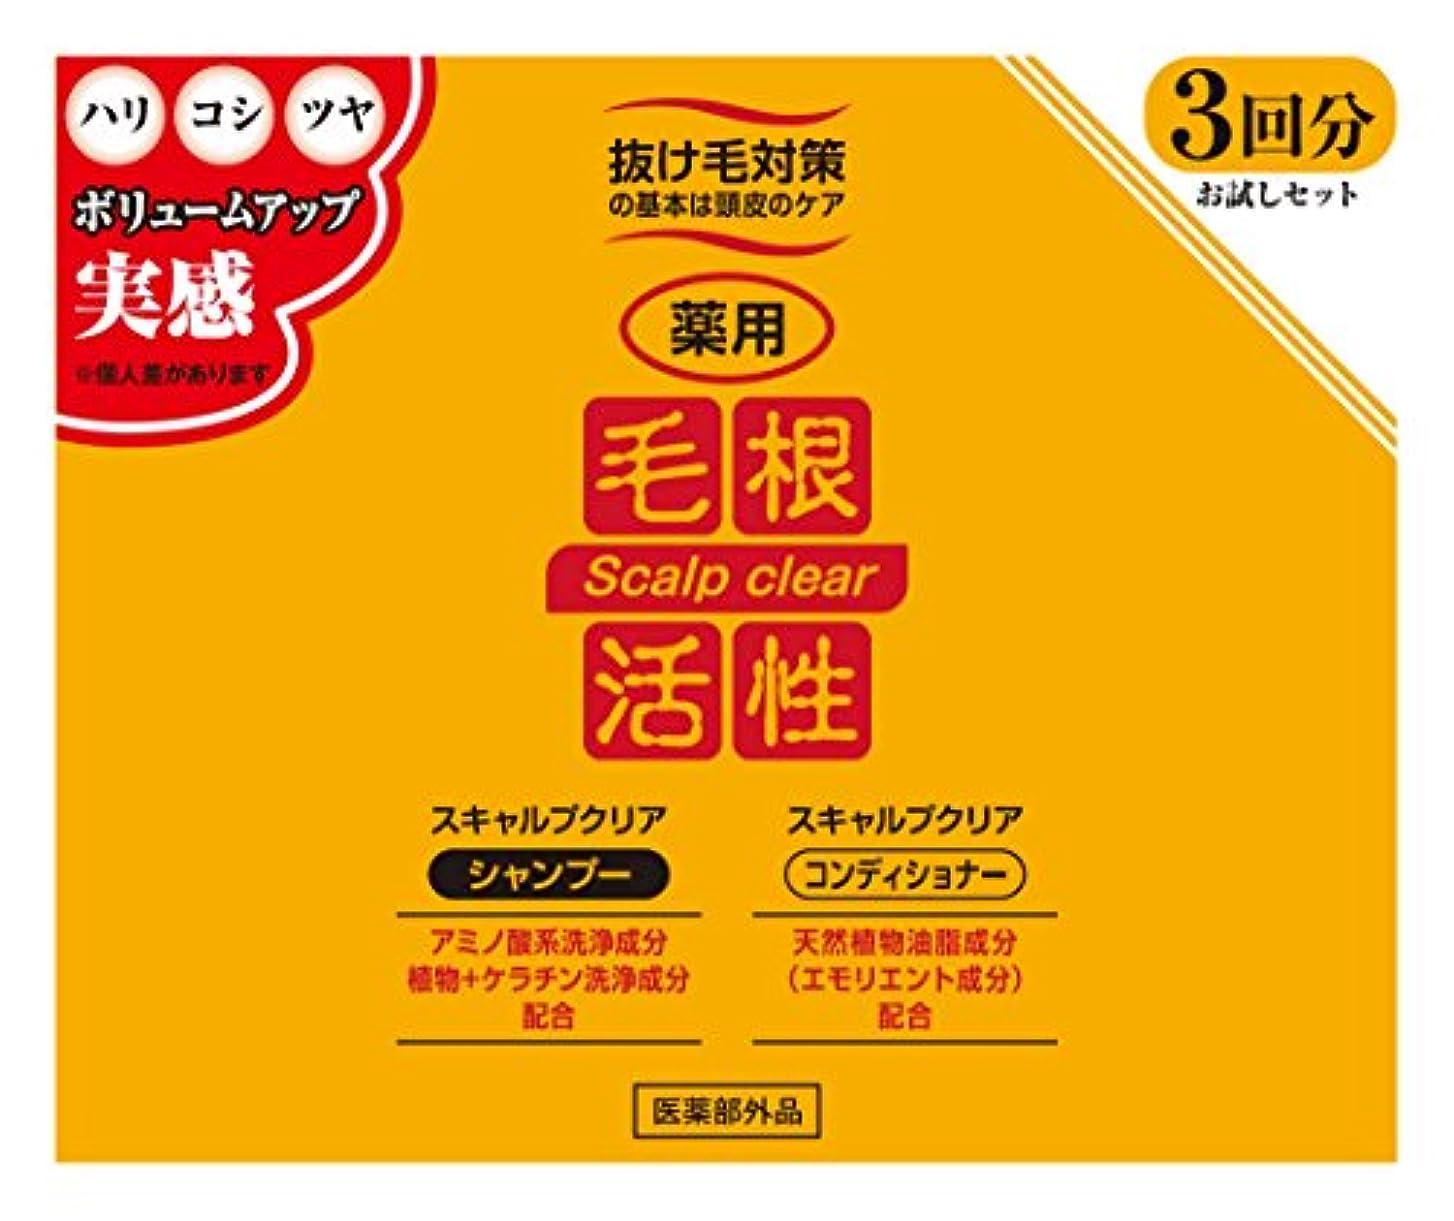 コンクリートノート中で薬用 毛根活性 シャンプー&コンディショナー 3日間お試しセット (シャンプー10ml×3個 + コンディショナー10ml×3個)